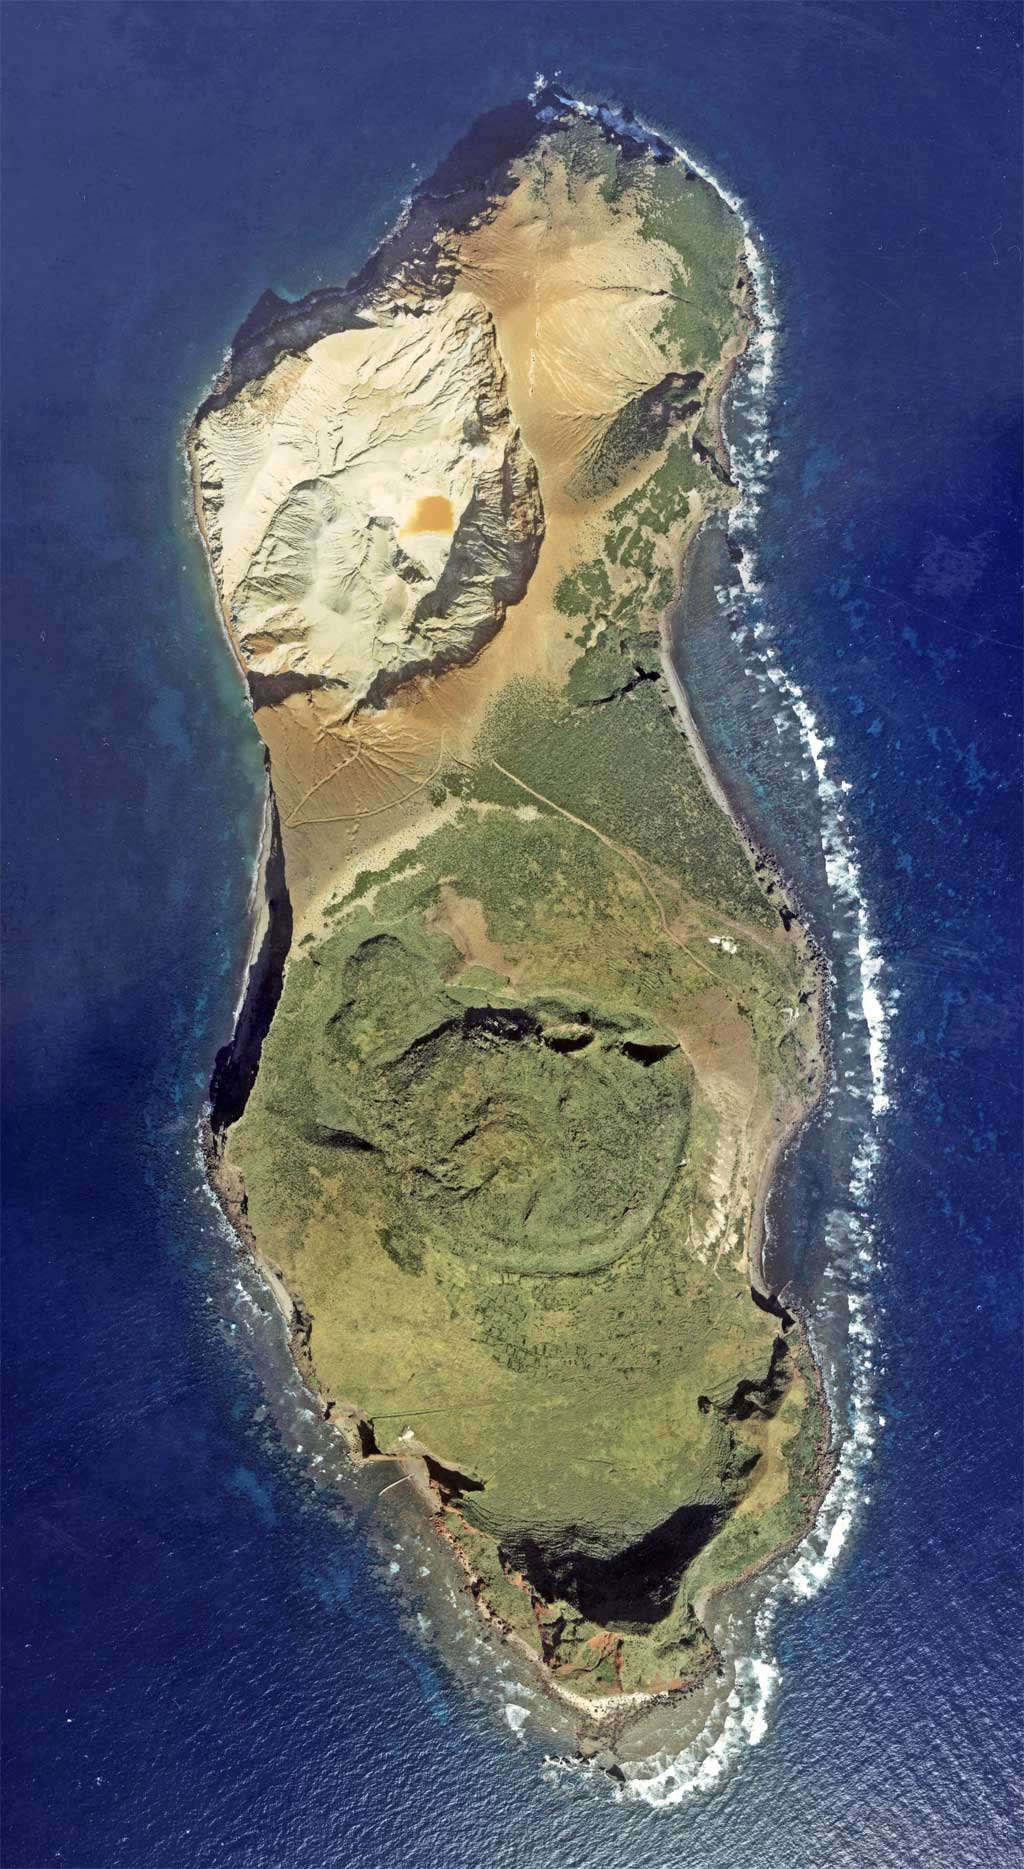 le volcan Iwo-tori-shima